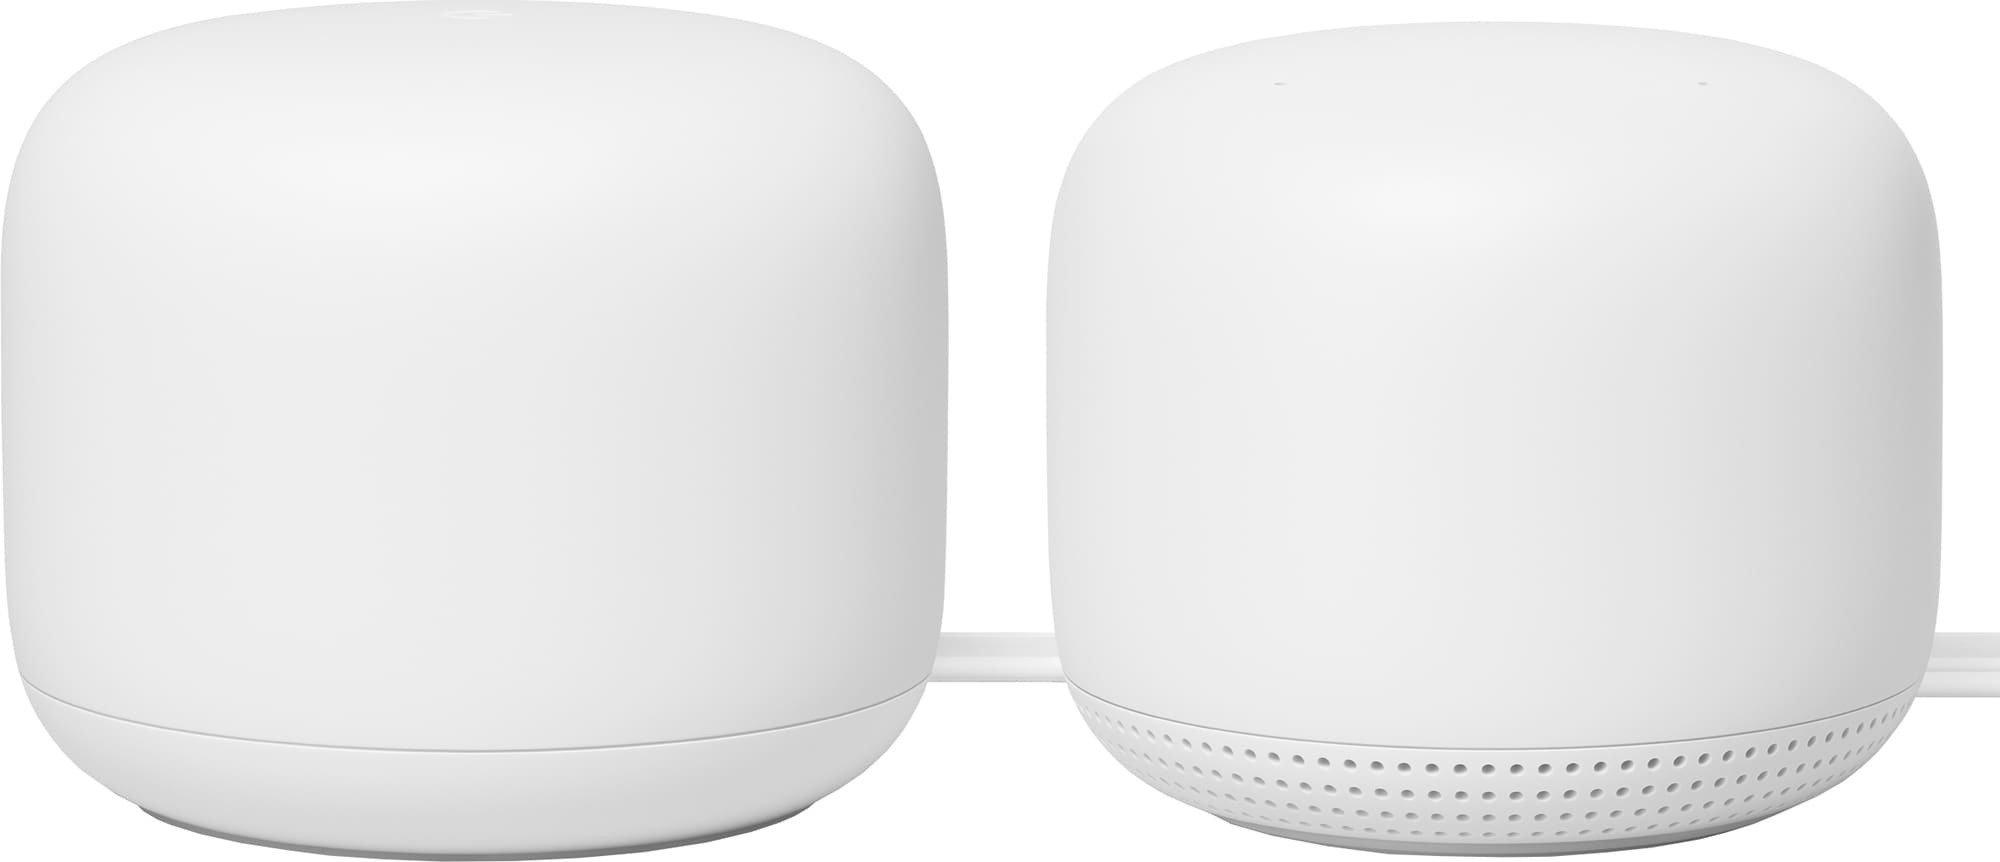 Google Nest WiFi 1+1 router og aksesspunkt (2 pakning